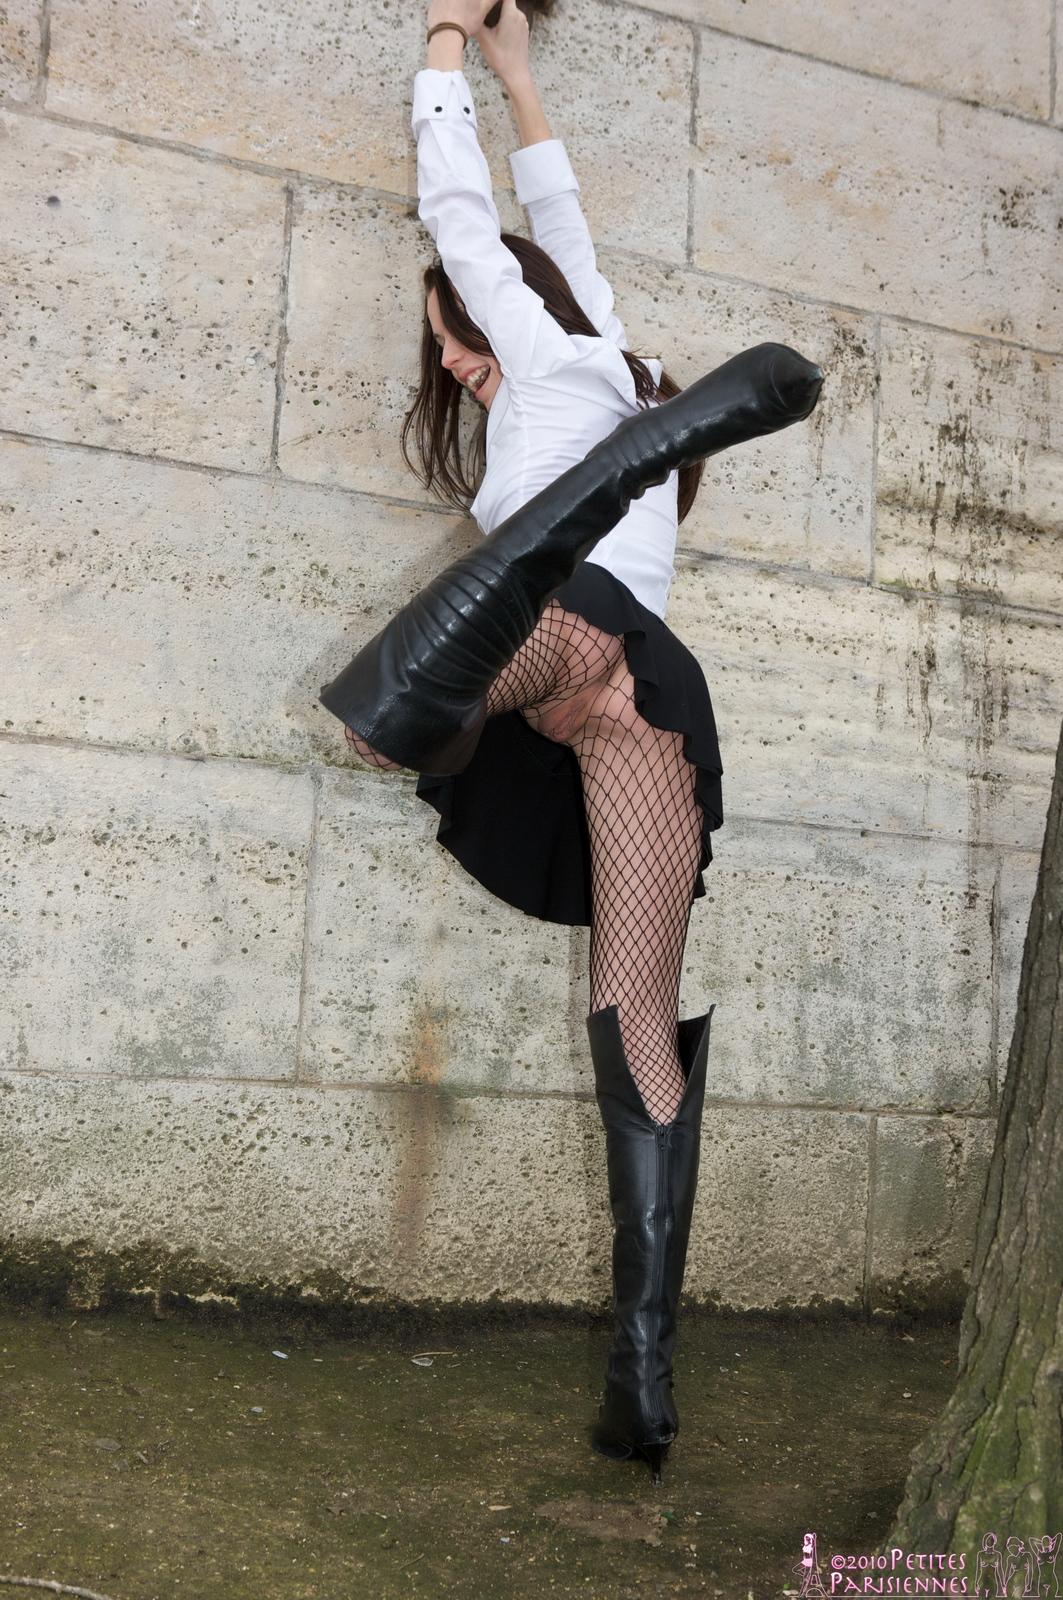 laetitia-fishnet-bodystocking-public-nude-river-petites-parisiennes-10